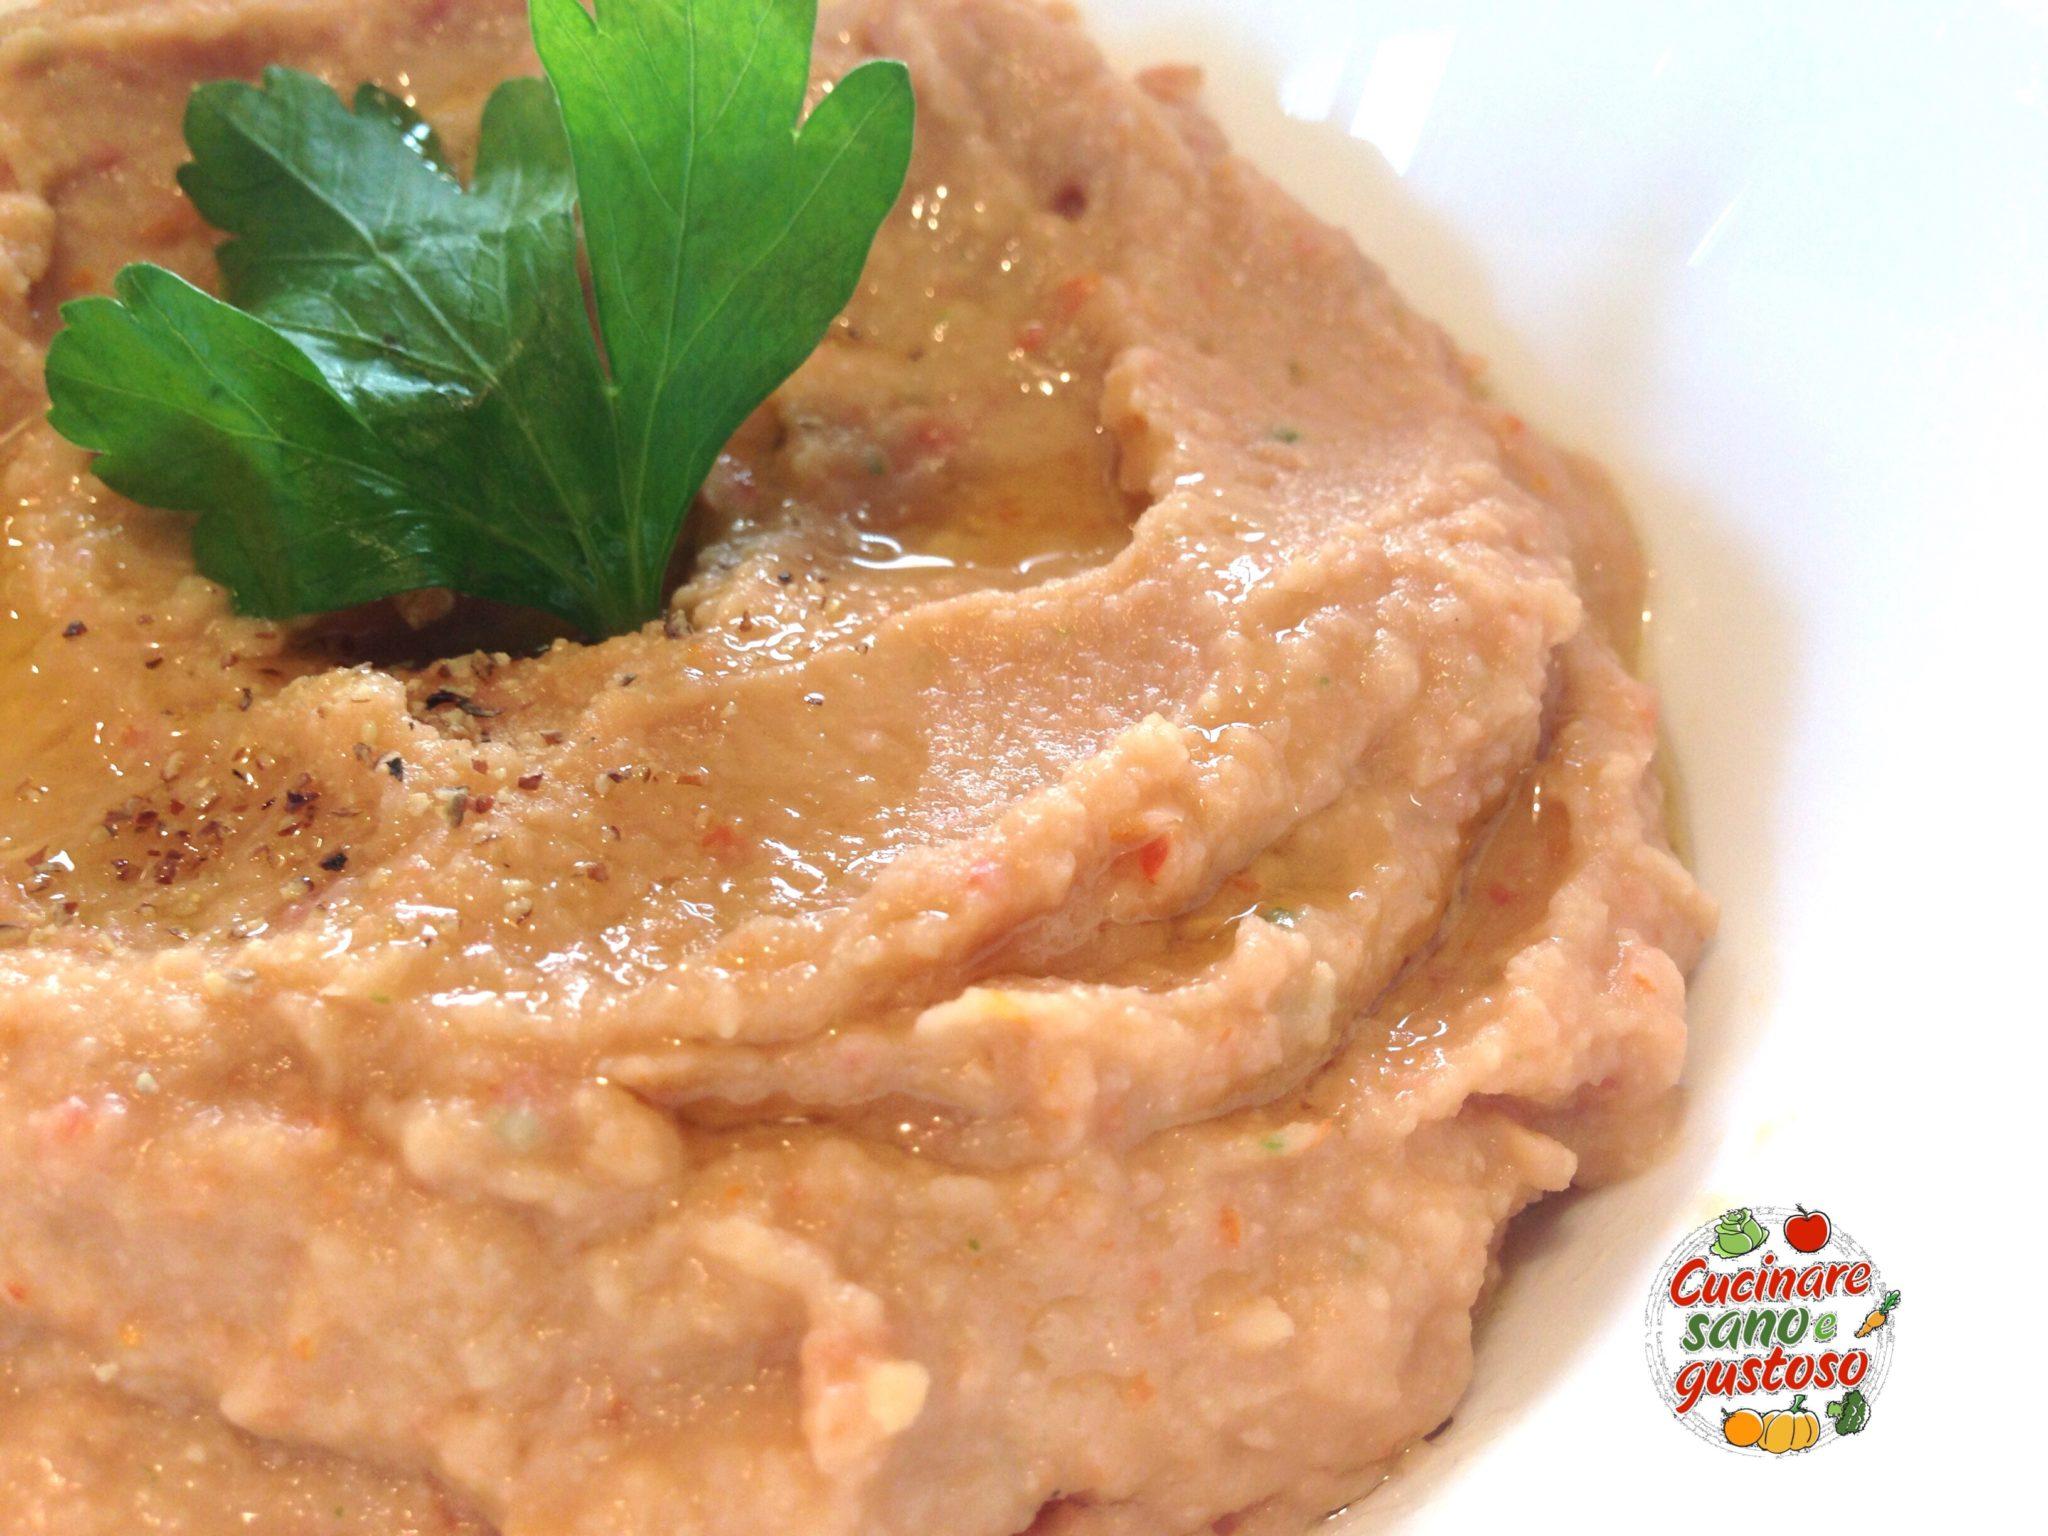 Vellutata rose 39 cucinare sano e gustoso - Cucinare sano e gustoso ...